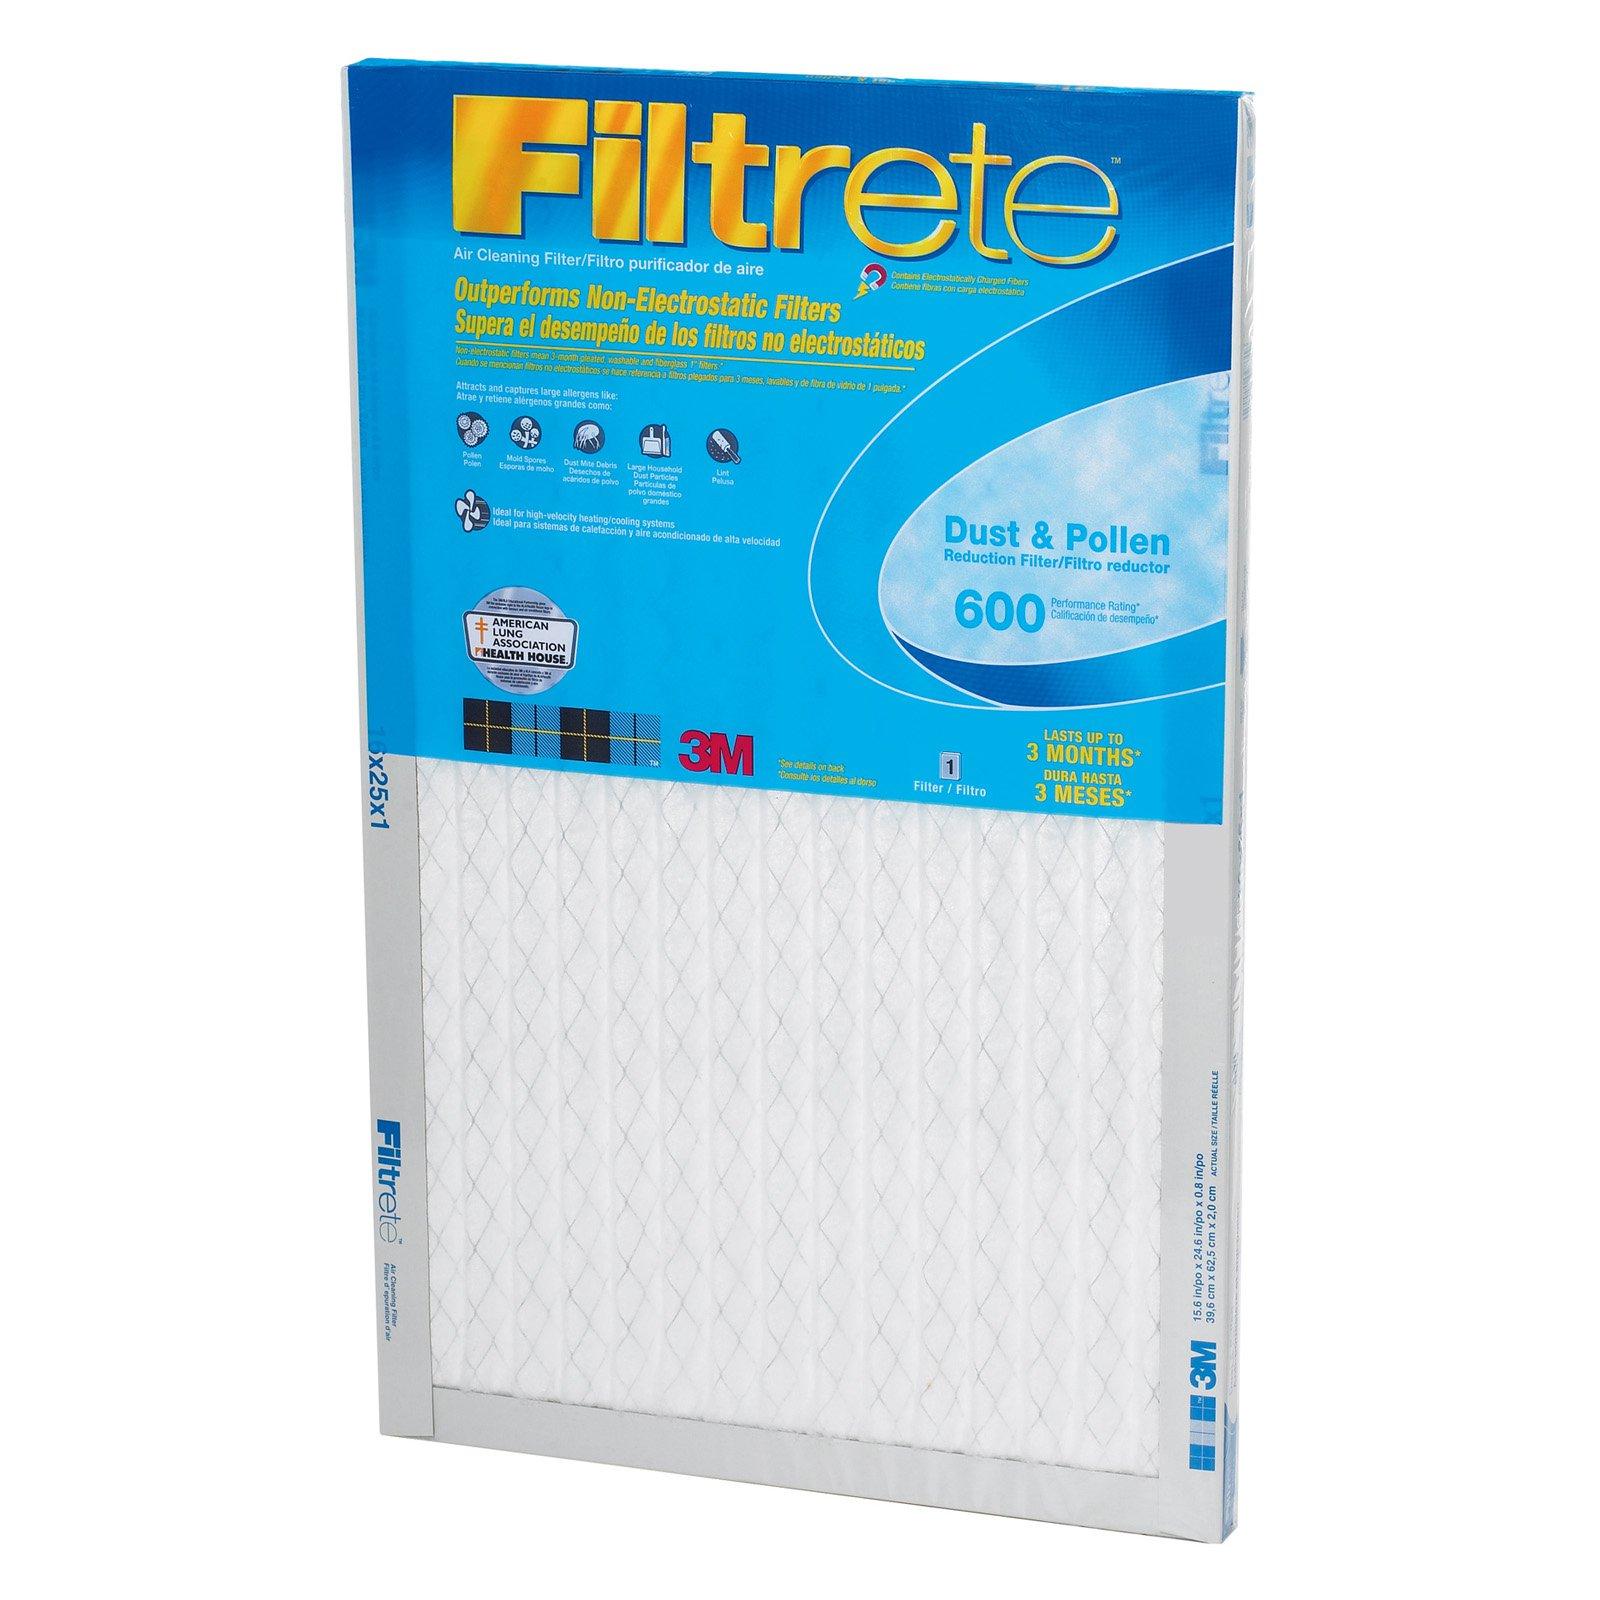 3M 9839DC-6 Filtreteâ ¢ Dust & Pollen Filters